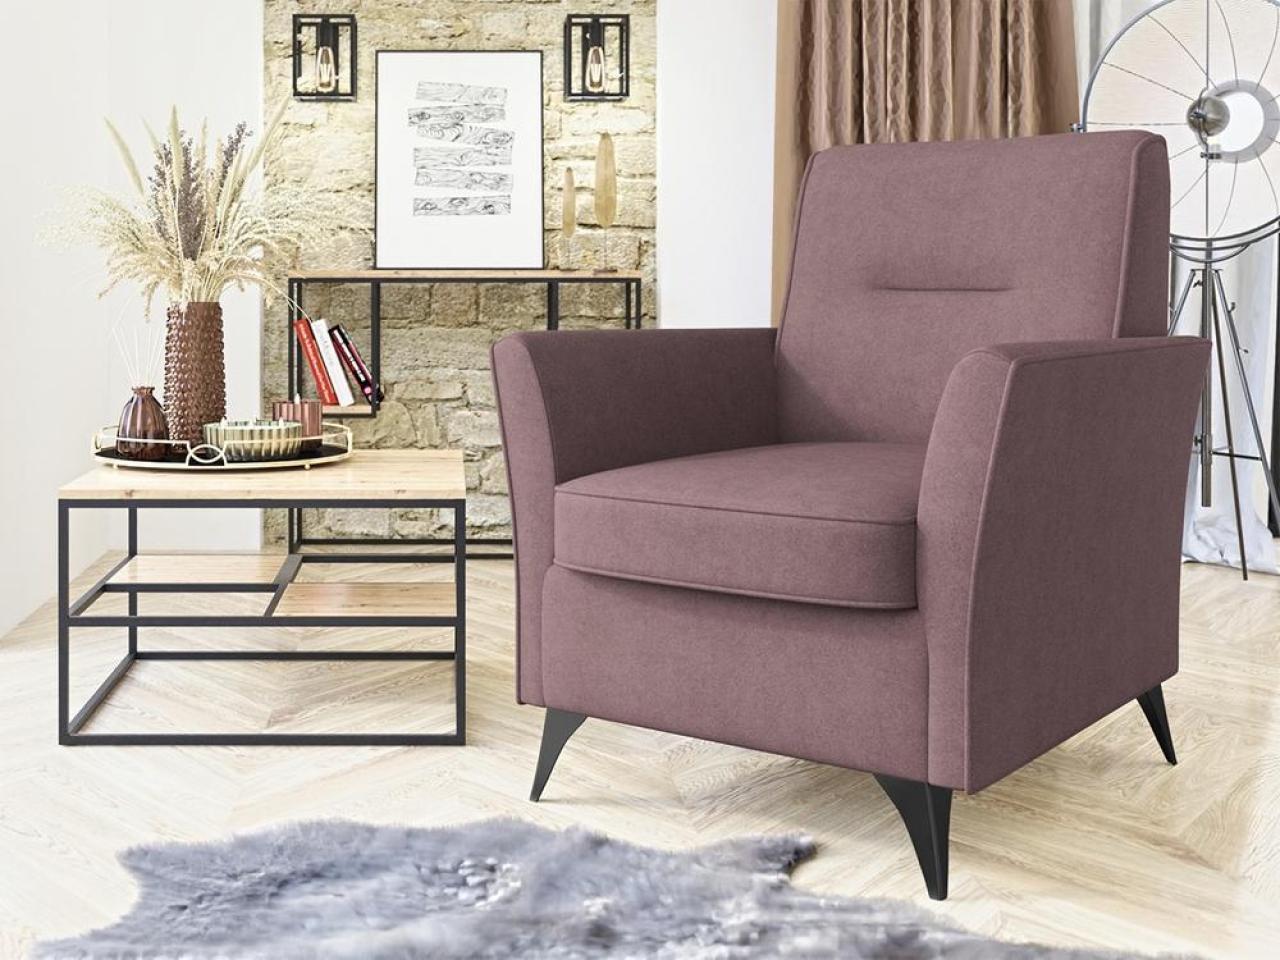 Furnipol-Мебель для дома - 10